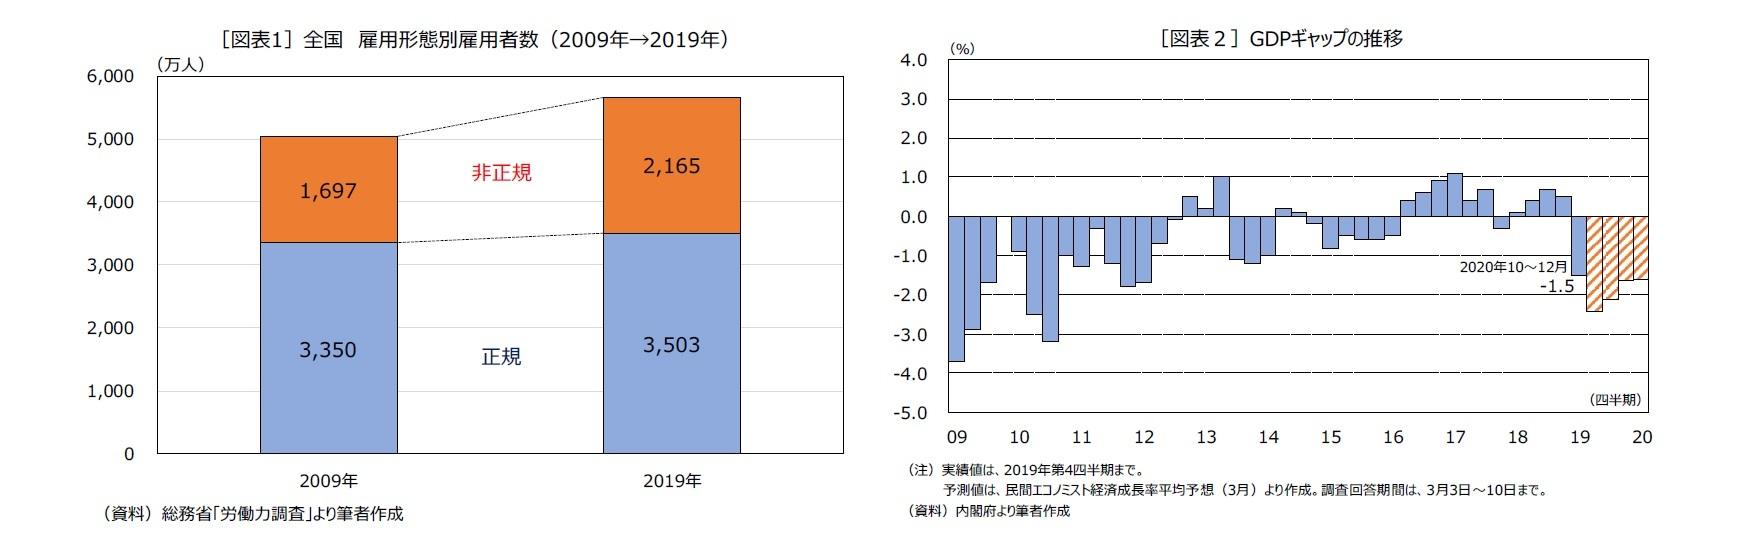 [図表1]全国雇用形態別雇用者数(2009年→2019年)/[図表2]GDPギャップの推移